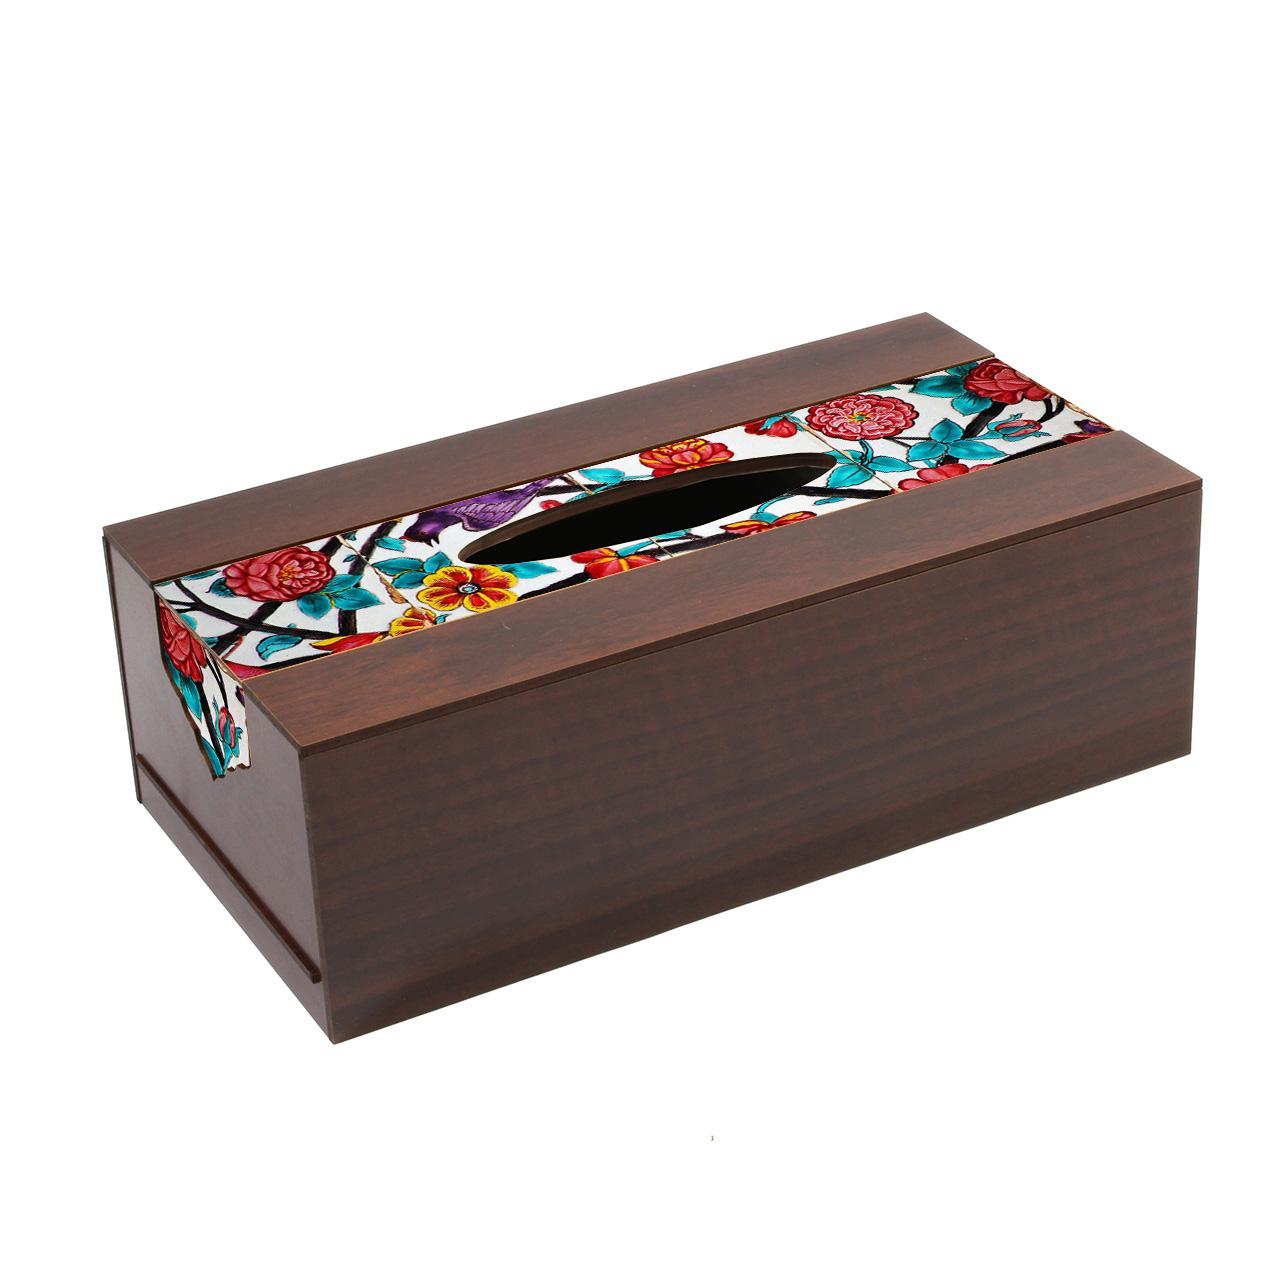 عکس جعبه دستمال کاغذی تهران جی اف ایکس مدل D156